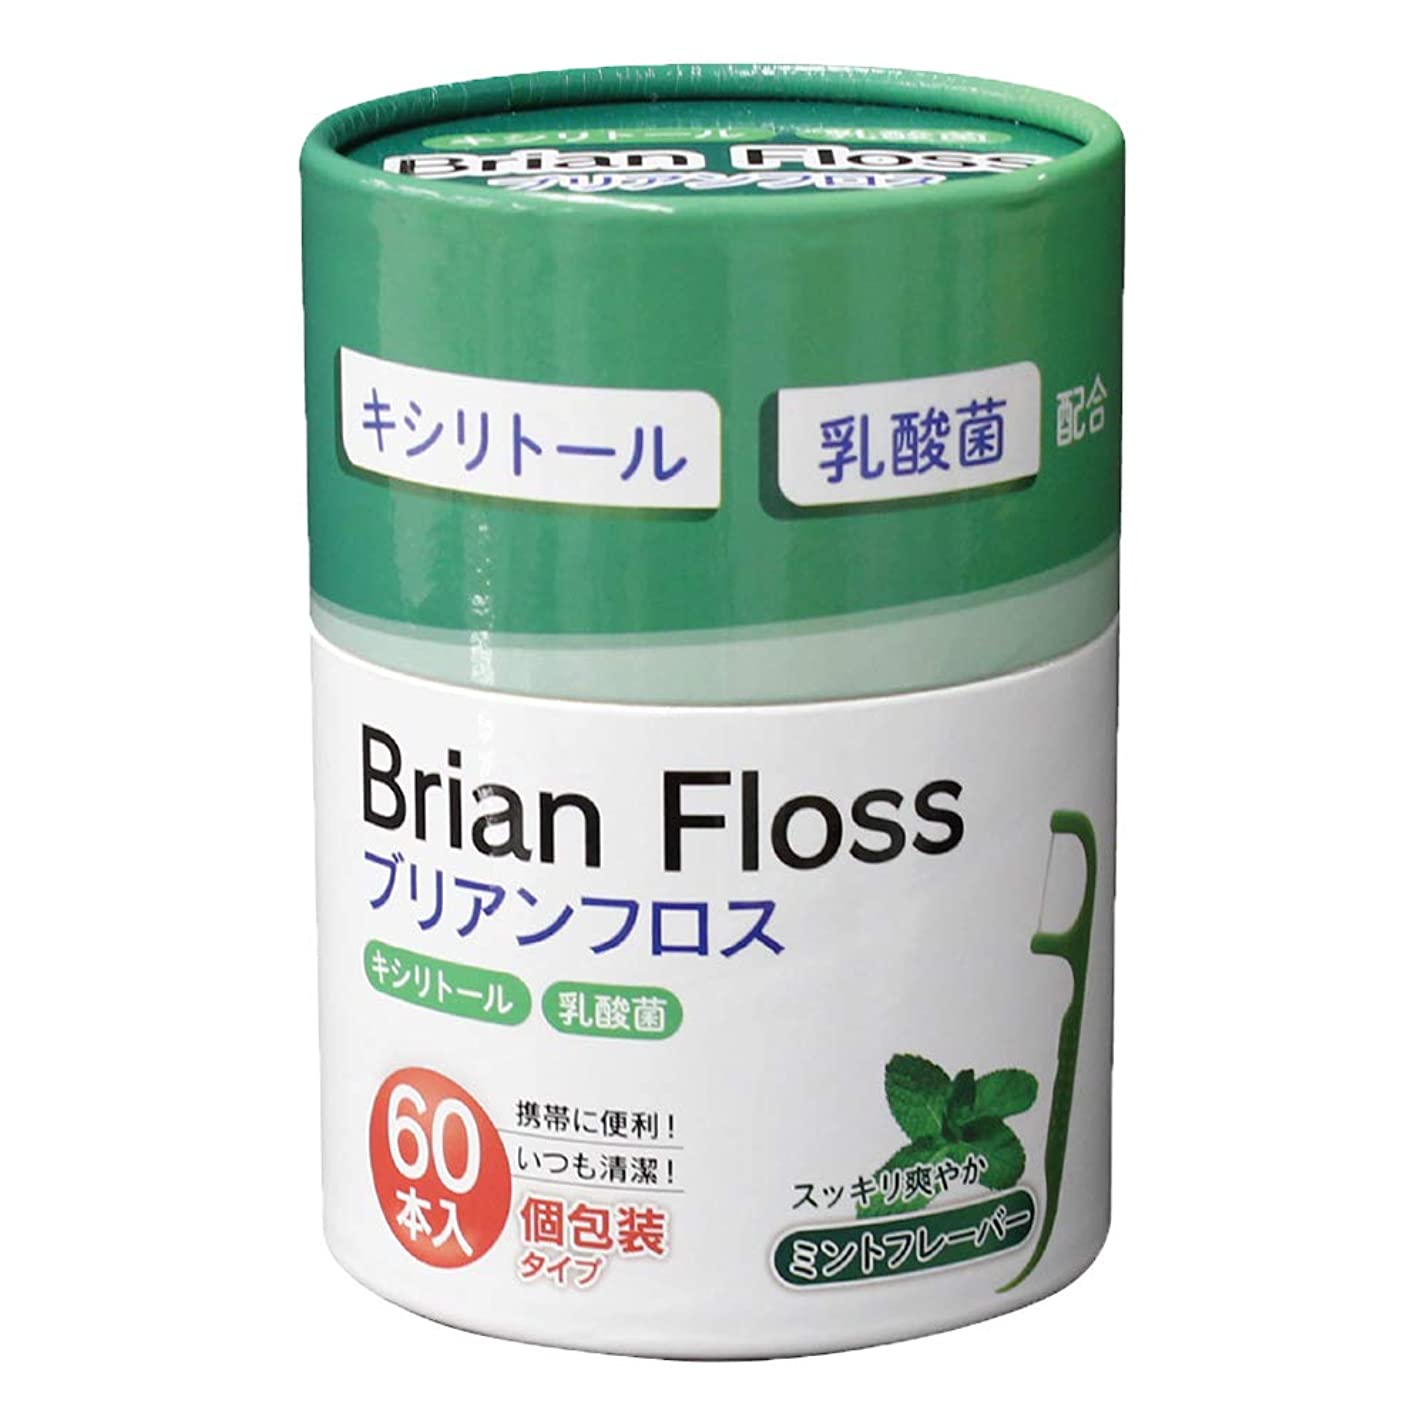 科学者怠けたサイズ(ブリアン) Brian 公式 ブリアンフロス フロス 歯 デンタル 乳酸菌 キシリトール 虫歯 予防 歯科医師 歯医者 監修 B0005 60本入り